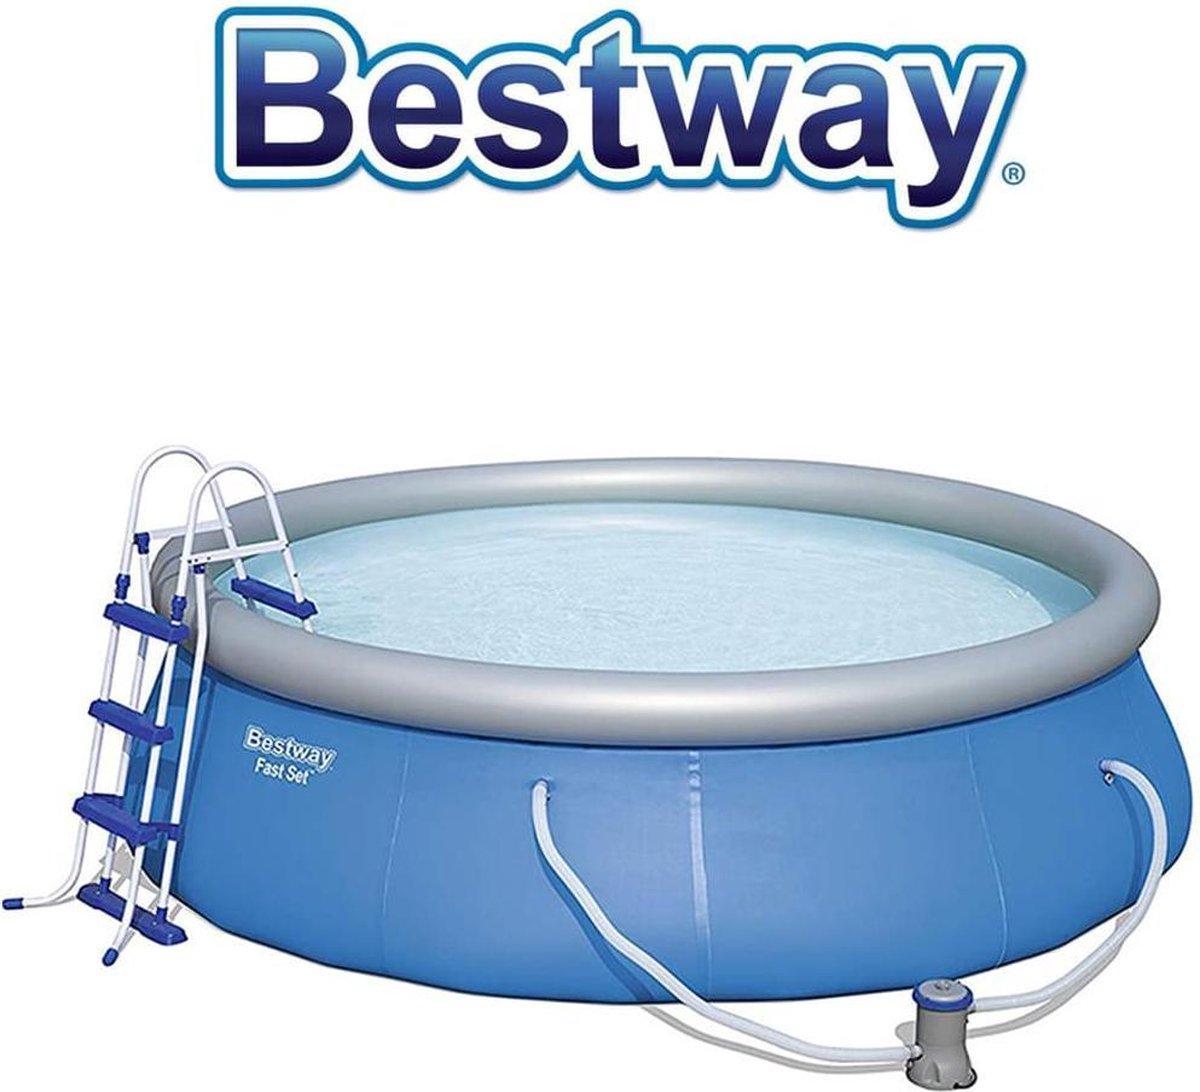 Bestway zwembad - steel pro - incl toebehoren - 366 x 91 cm